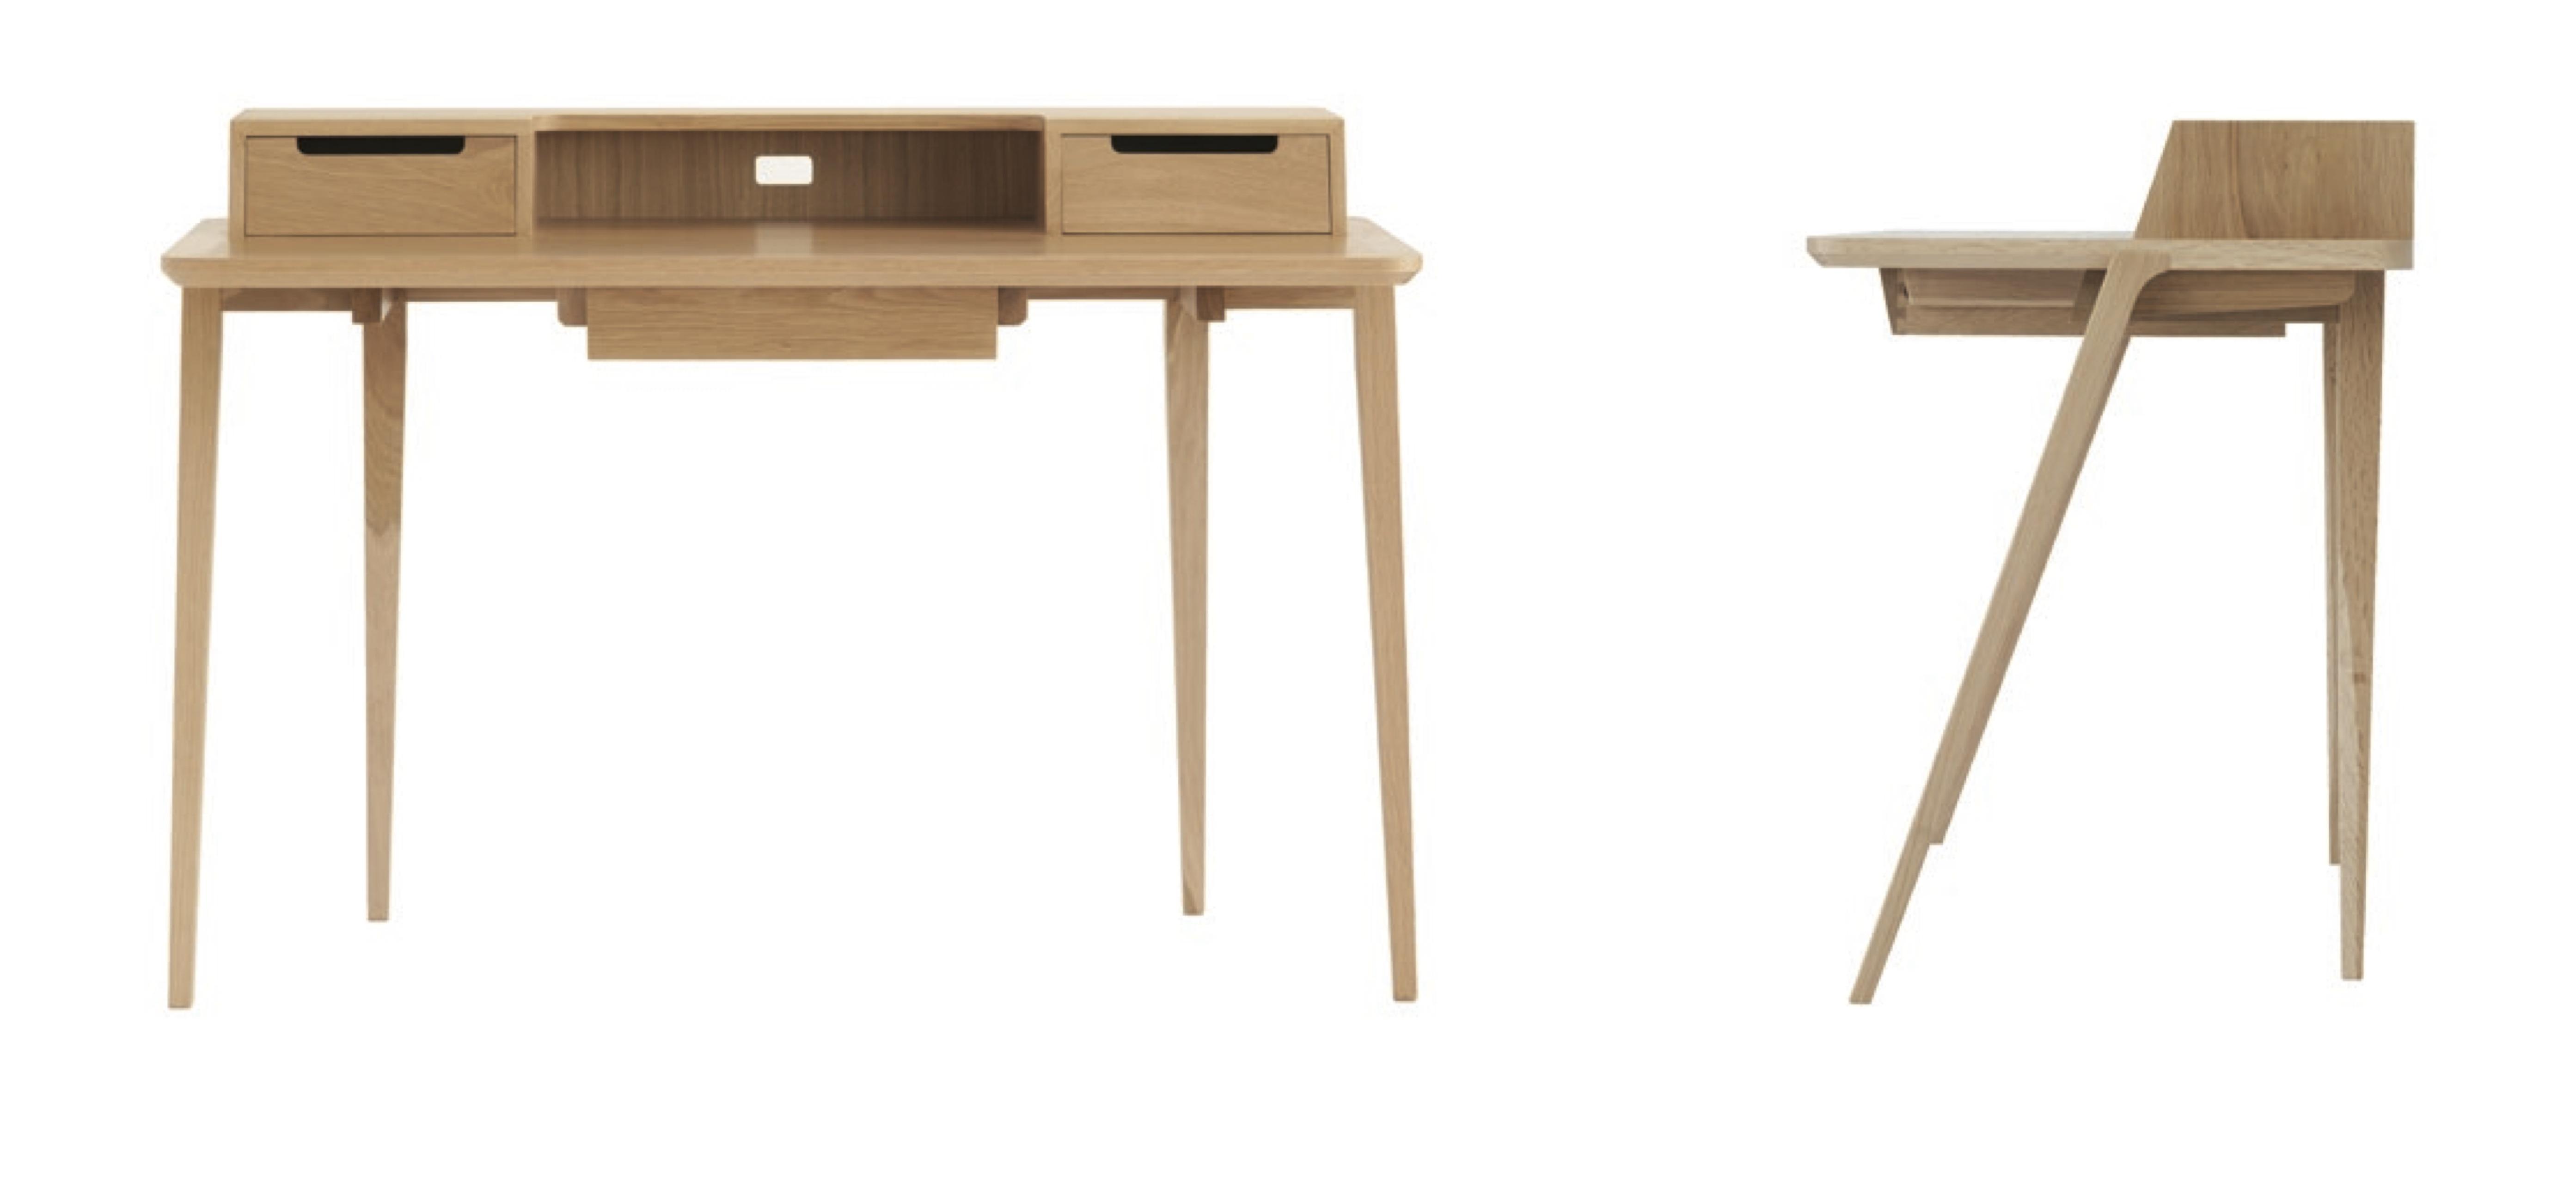 ercol treviso desk. Black Bedroom Furniture Sets. Home Design Ideas